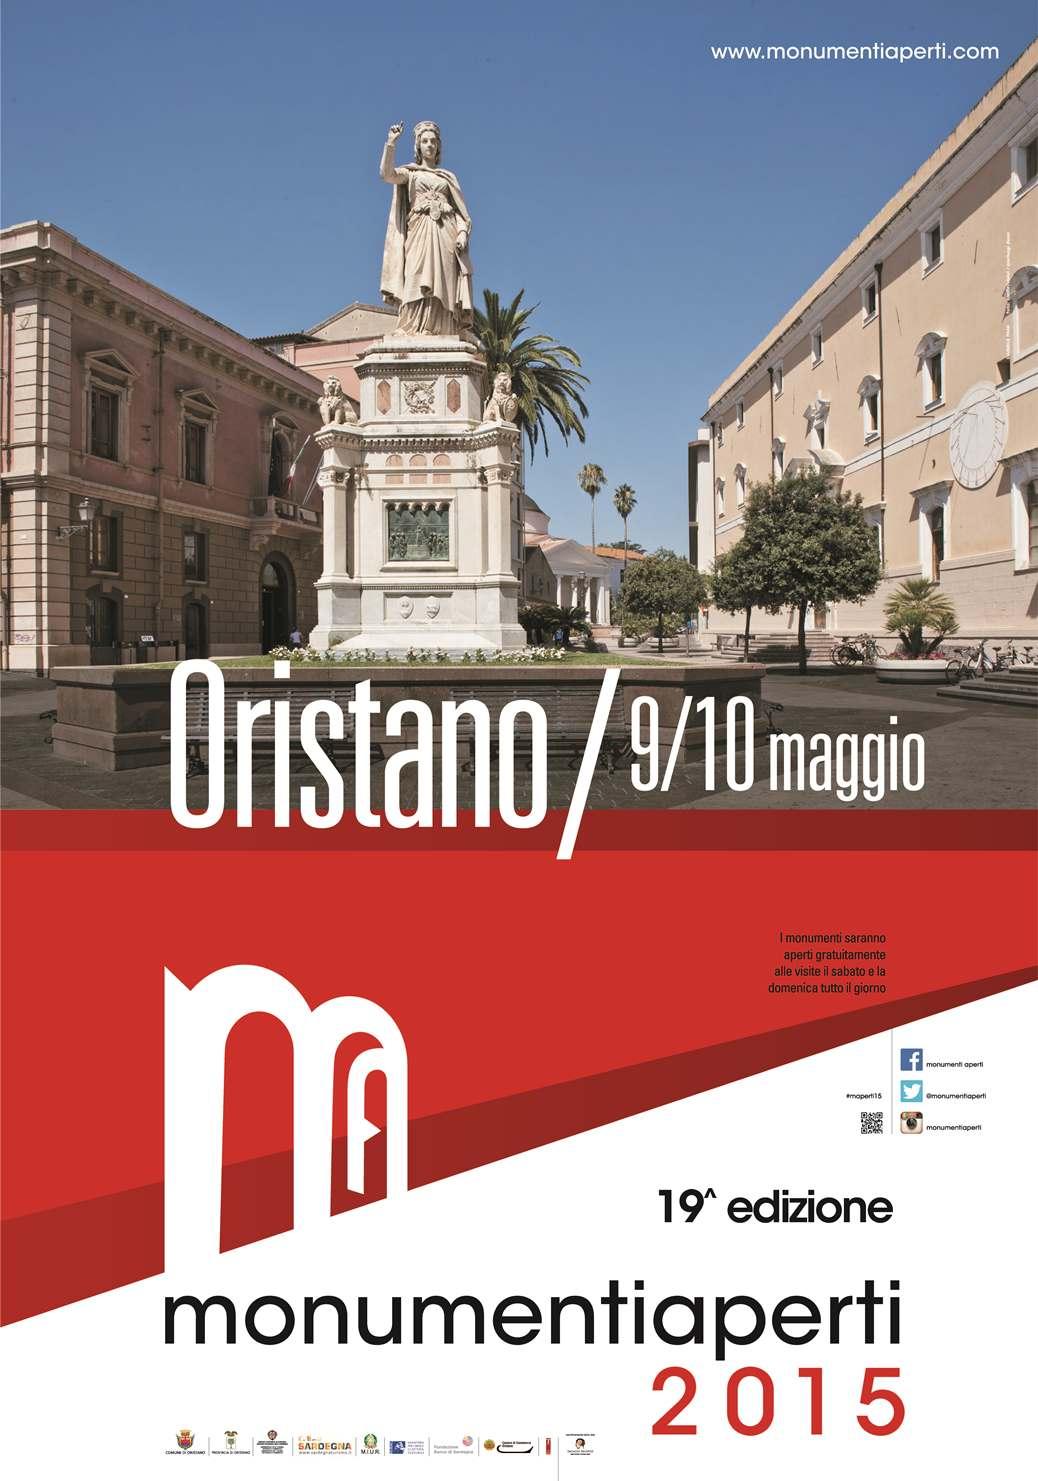 Monumenti Aperti 2015 - Il 9 e 10 Maggio 57 i siti culturali aperti al pubblico